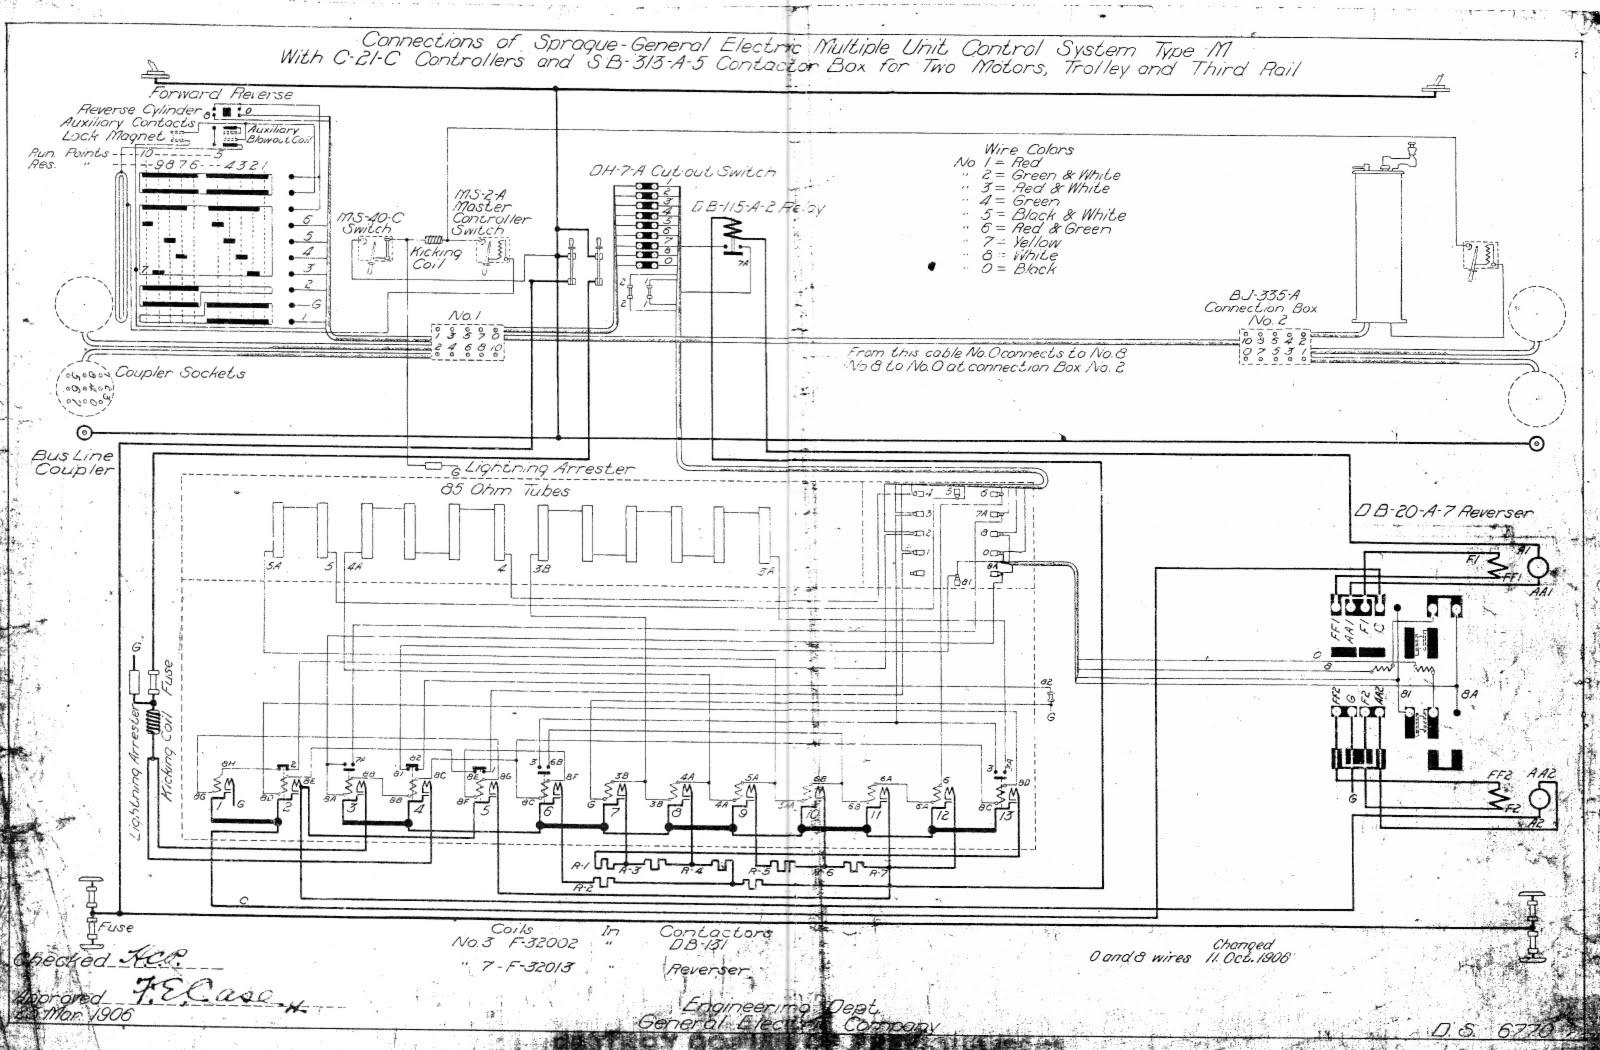 1979 jeep cj7 wiring schematic